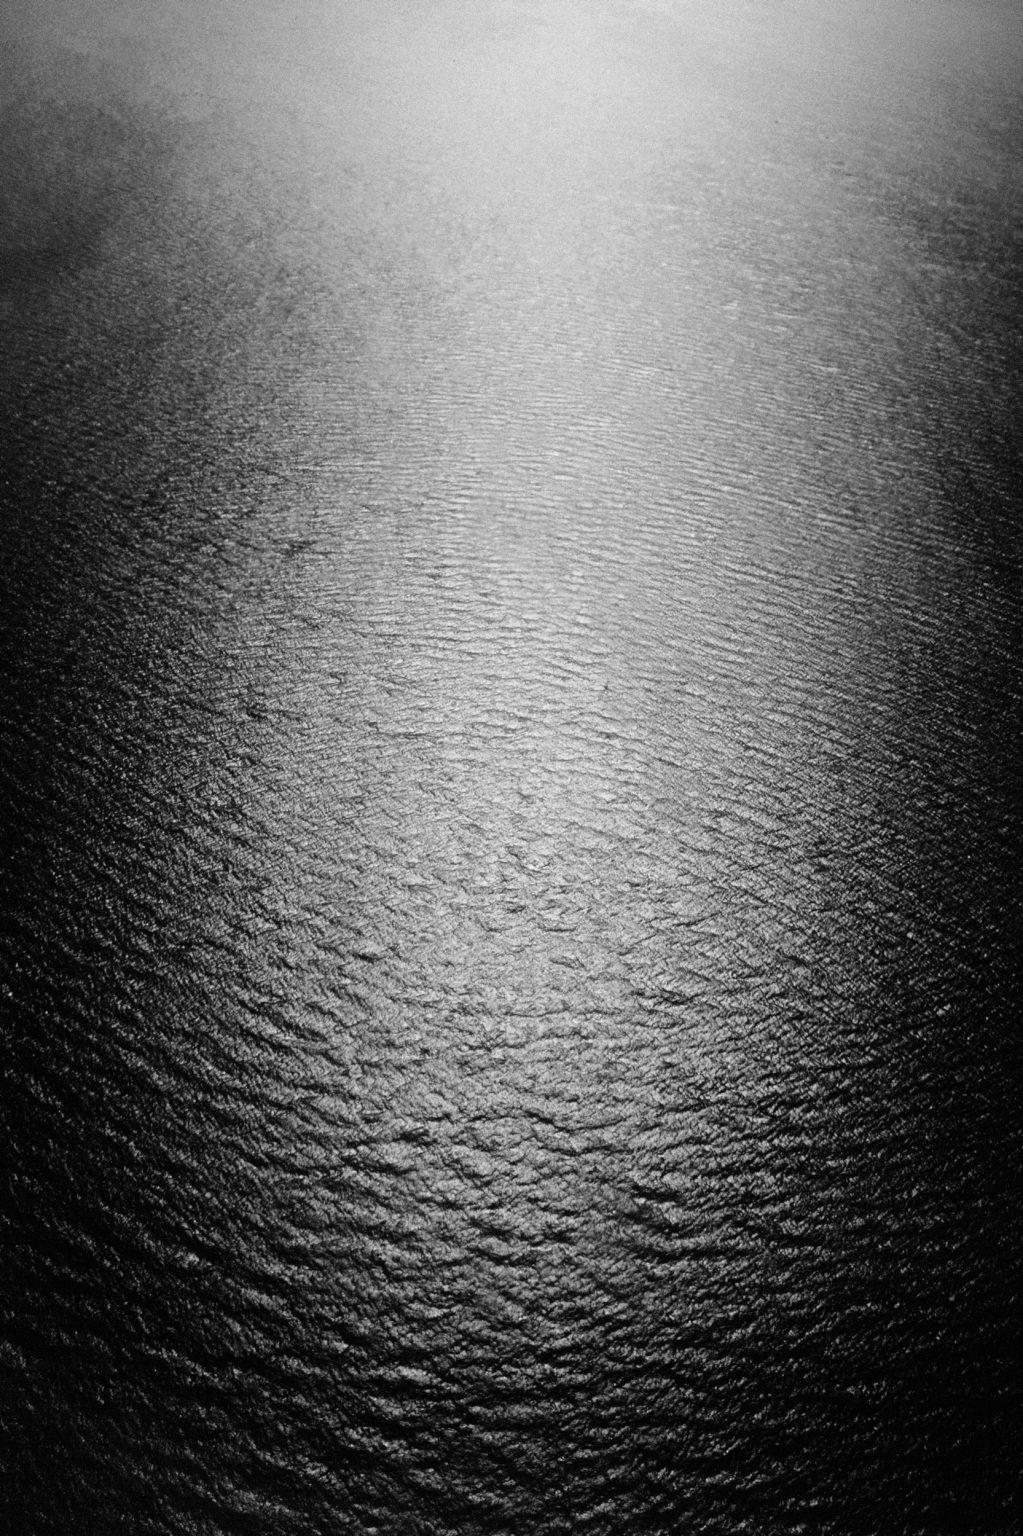 Lampedusa, February 2014-Lampedusa is the southernmost island of Italy, it is small and has only 6,300 inhabitants. Today it is one of the most important gateways to Europe.The inhabitants have been welcoming human beings in search of life for 20 years with great solidarity. They are a small community that has great respect for human dignity and, above all, has shown that peaceful coexistence can be established between human beings. Simple people, but with a soul as deep as its sea, who in the face of despair were not afraid and stretched out their hands.For this reason, the island has been nominated for the NOBEL for peace, a fair recognition for the people of Lampedusa, who have been involved for years in welcoming migrants.Maritime landscape.   Lampedusa, Febbraio 2014-Lampedusa è l'isola più a sud d'Italia, è piccola e conta solo 6.300 abitanti. Oggi è uno dei più importanti accessi all'Europa. Gli abitanti,, da 20 anni accolgono esseri umani in cerca di vita con grande solidarietà . Sono una piccola comunità che ha un grande rispetto per la dignità umana e, soprattutto,  ha dimostrato che tra essere umani si può attuare una convivenza pacifica. Persone semplici, ma con un animo profondo come il suo mare, che di fronte alla disperazione non hanno avuto paura ed hanno teso le  mani. Per questo, l'isola, è stata candidata al NOBEL per la pace, un giusto riconoscimento per la gente di Lampedusa, impegnata da anni nell'accoglienza di migranti.Paesaggio marittimo.